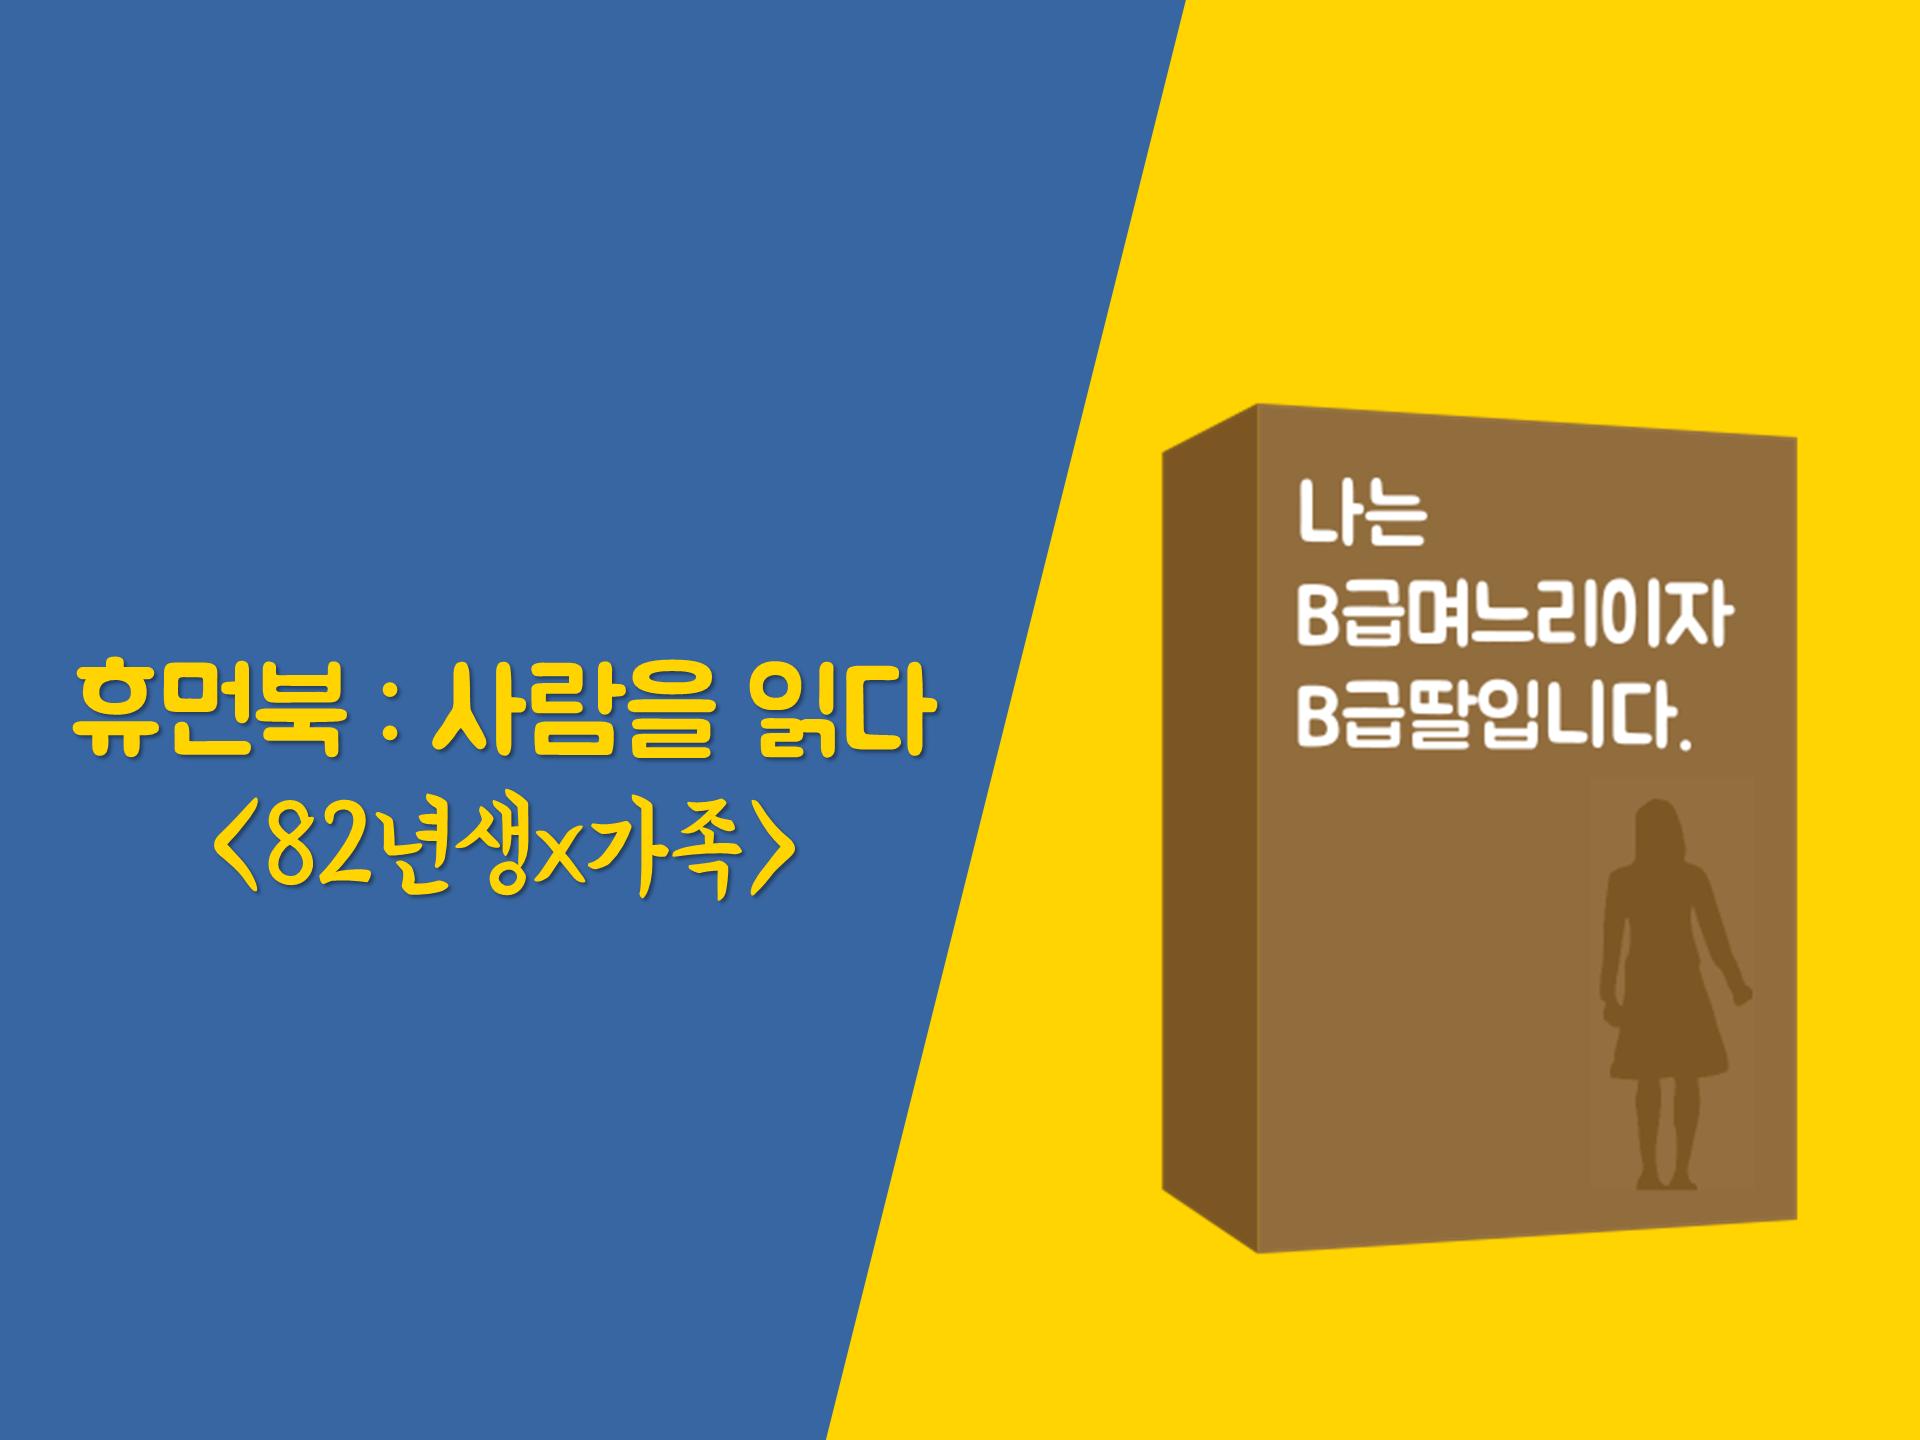 [서울별별가족이야기] 2018 휴먼북 ③ : 나는 B급며느리이자, B급 딸입니다.